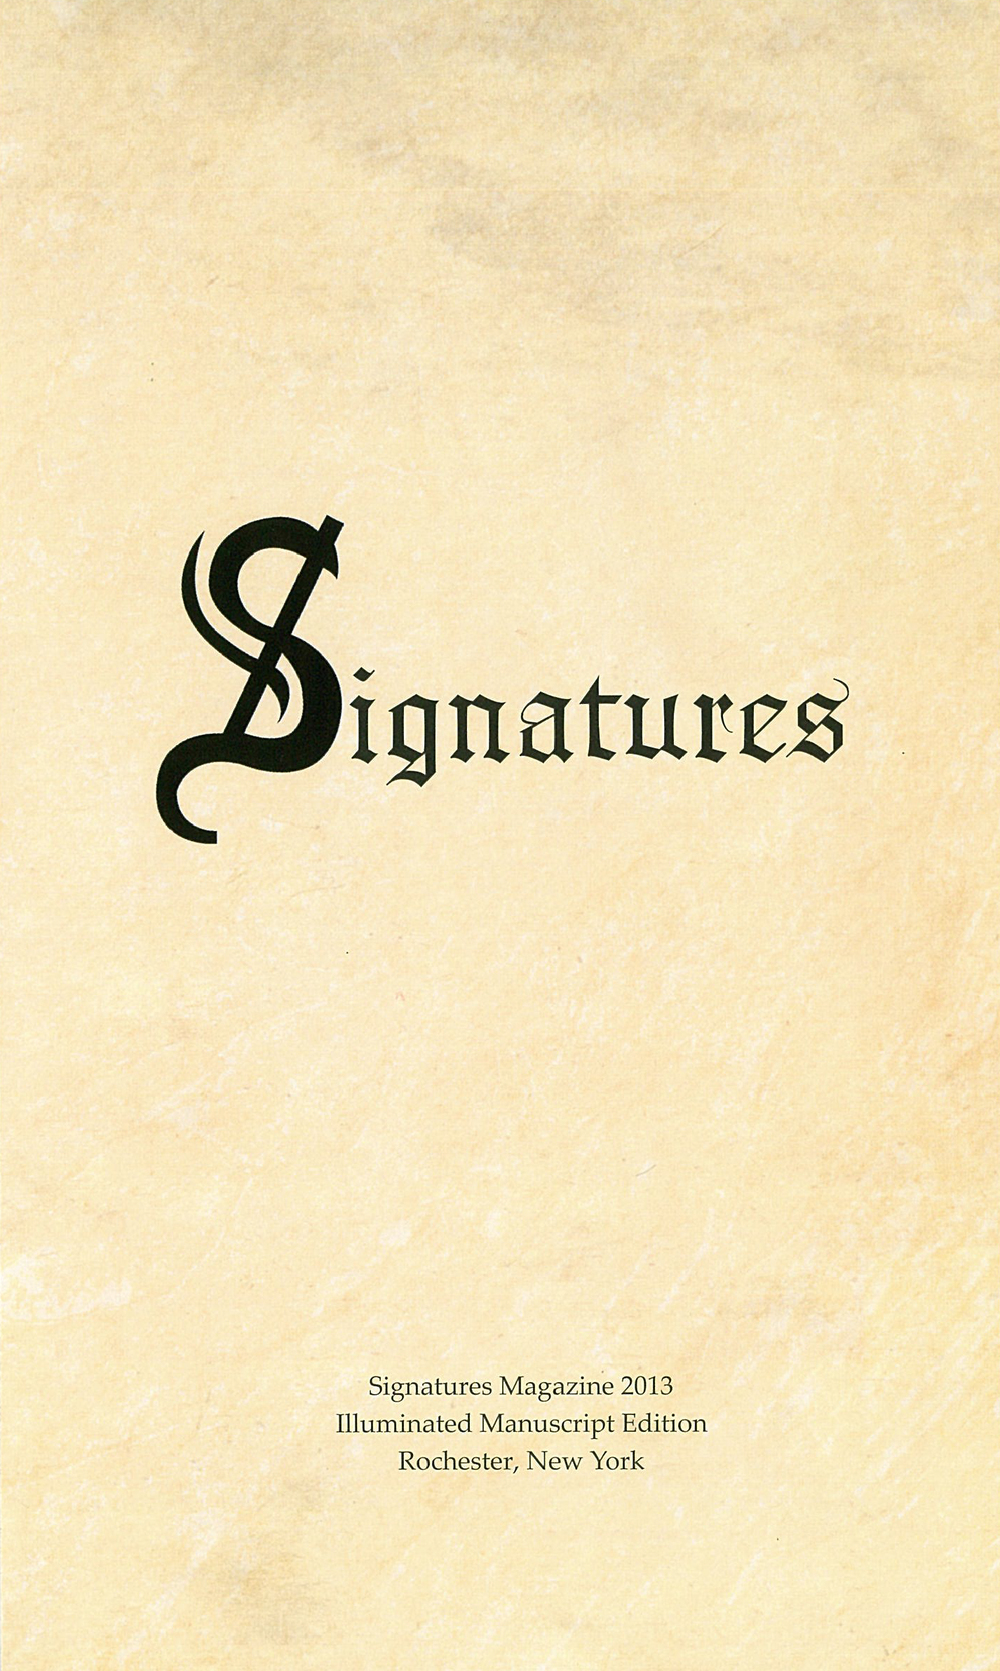 Signatures2012-2013-3.jpg